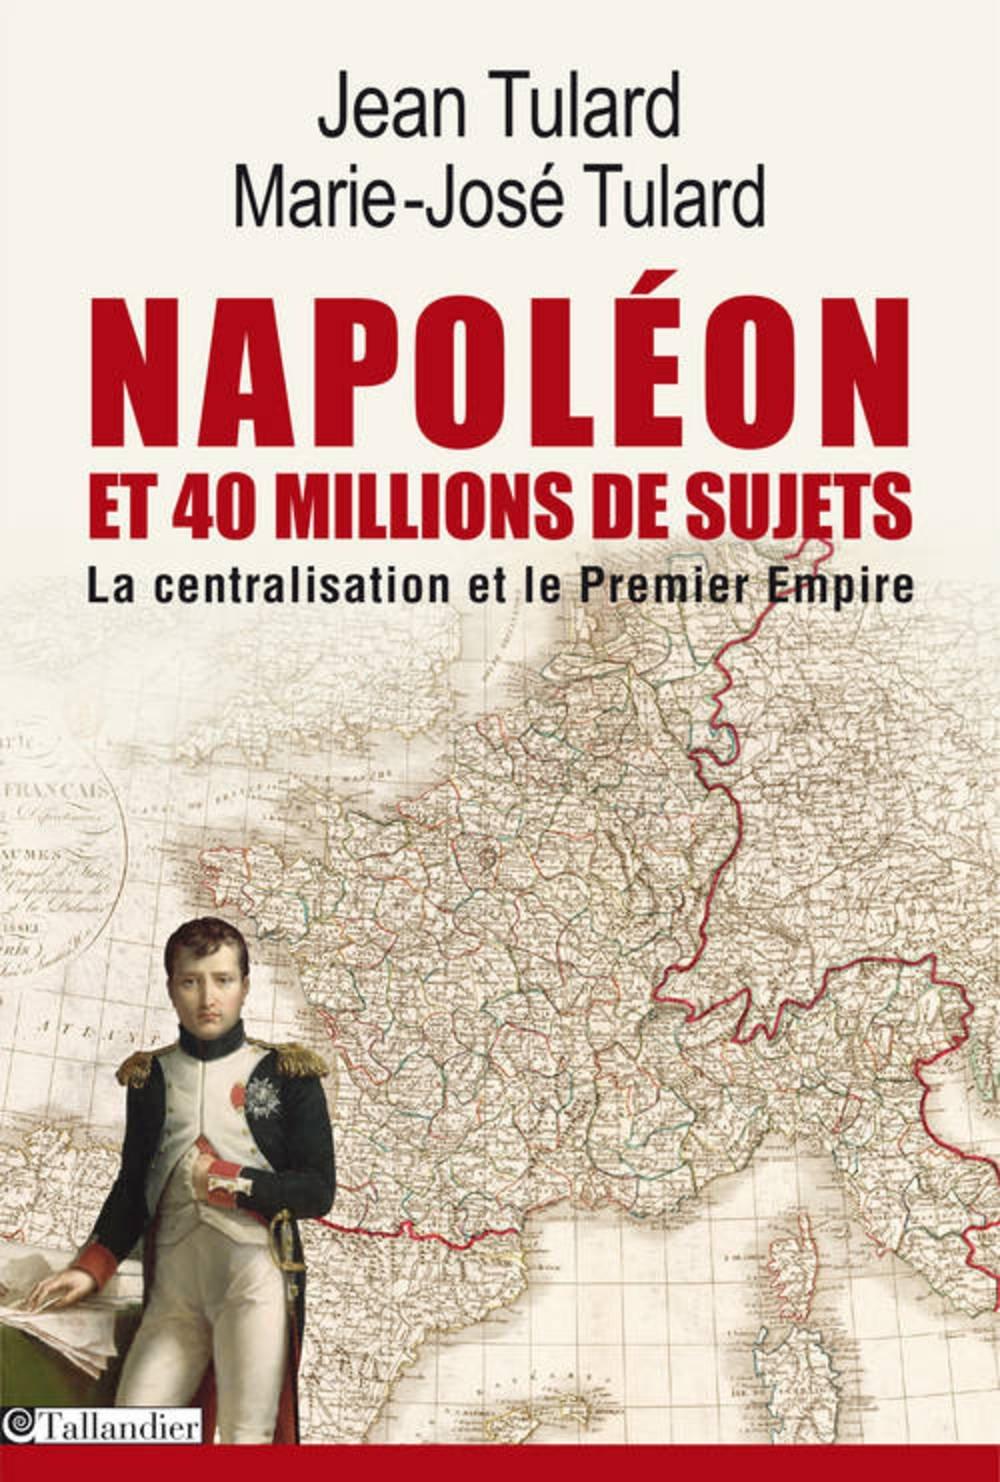 Jean Tulard - Napoléon et 40 millions de sujets